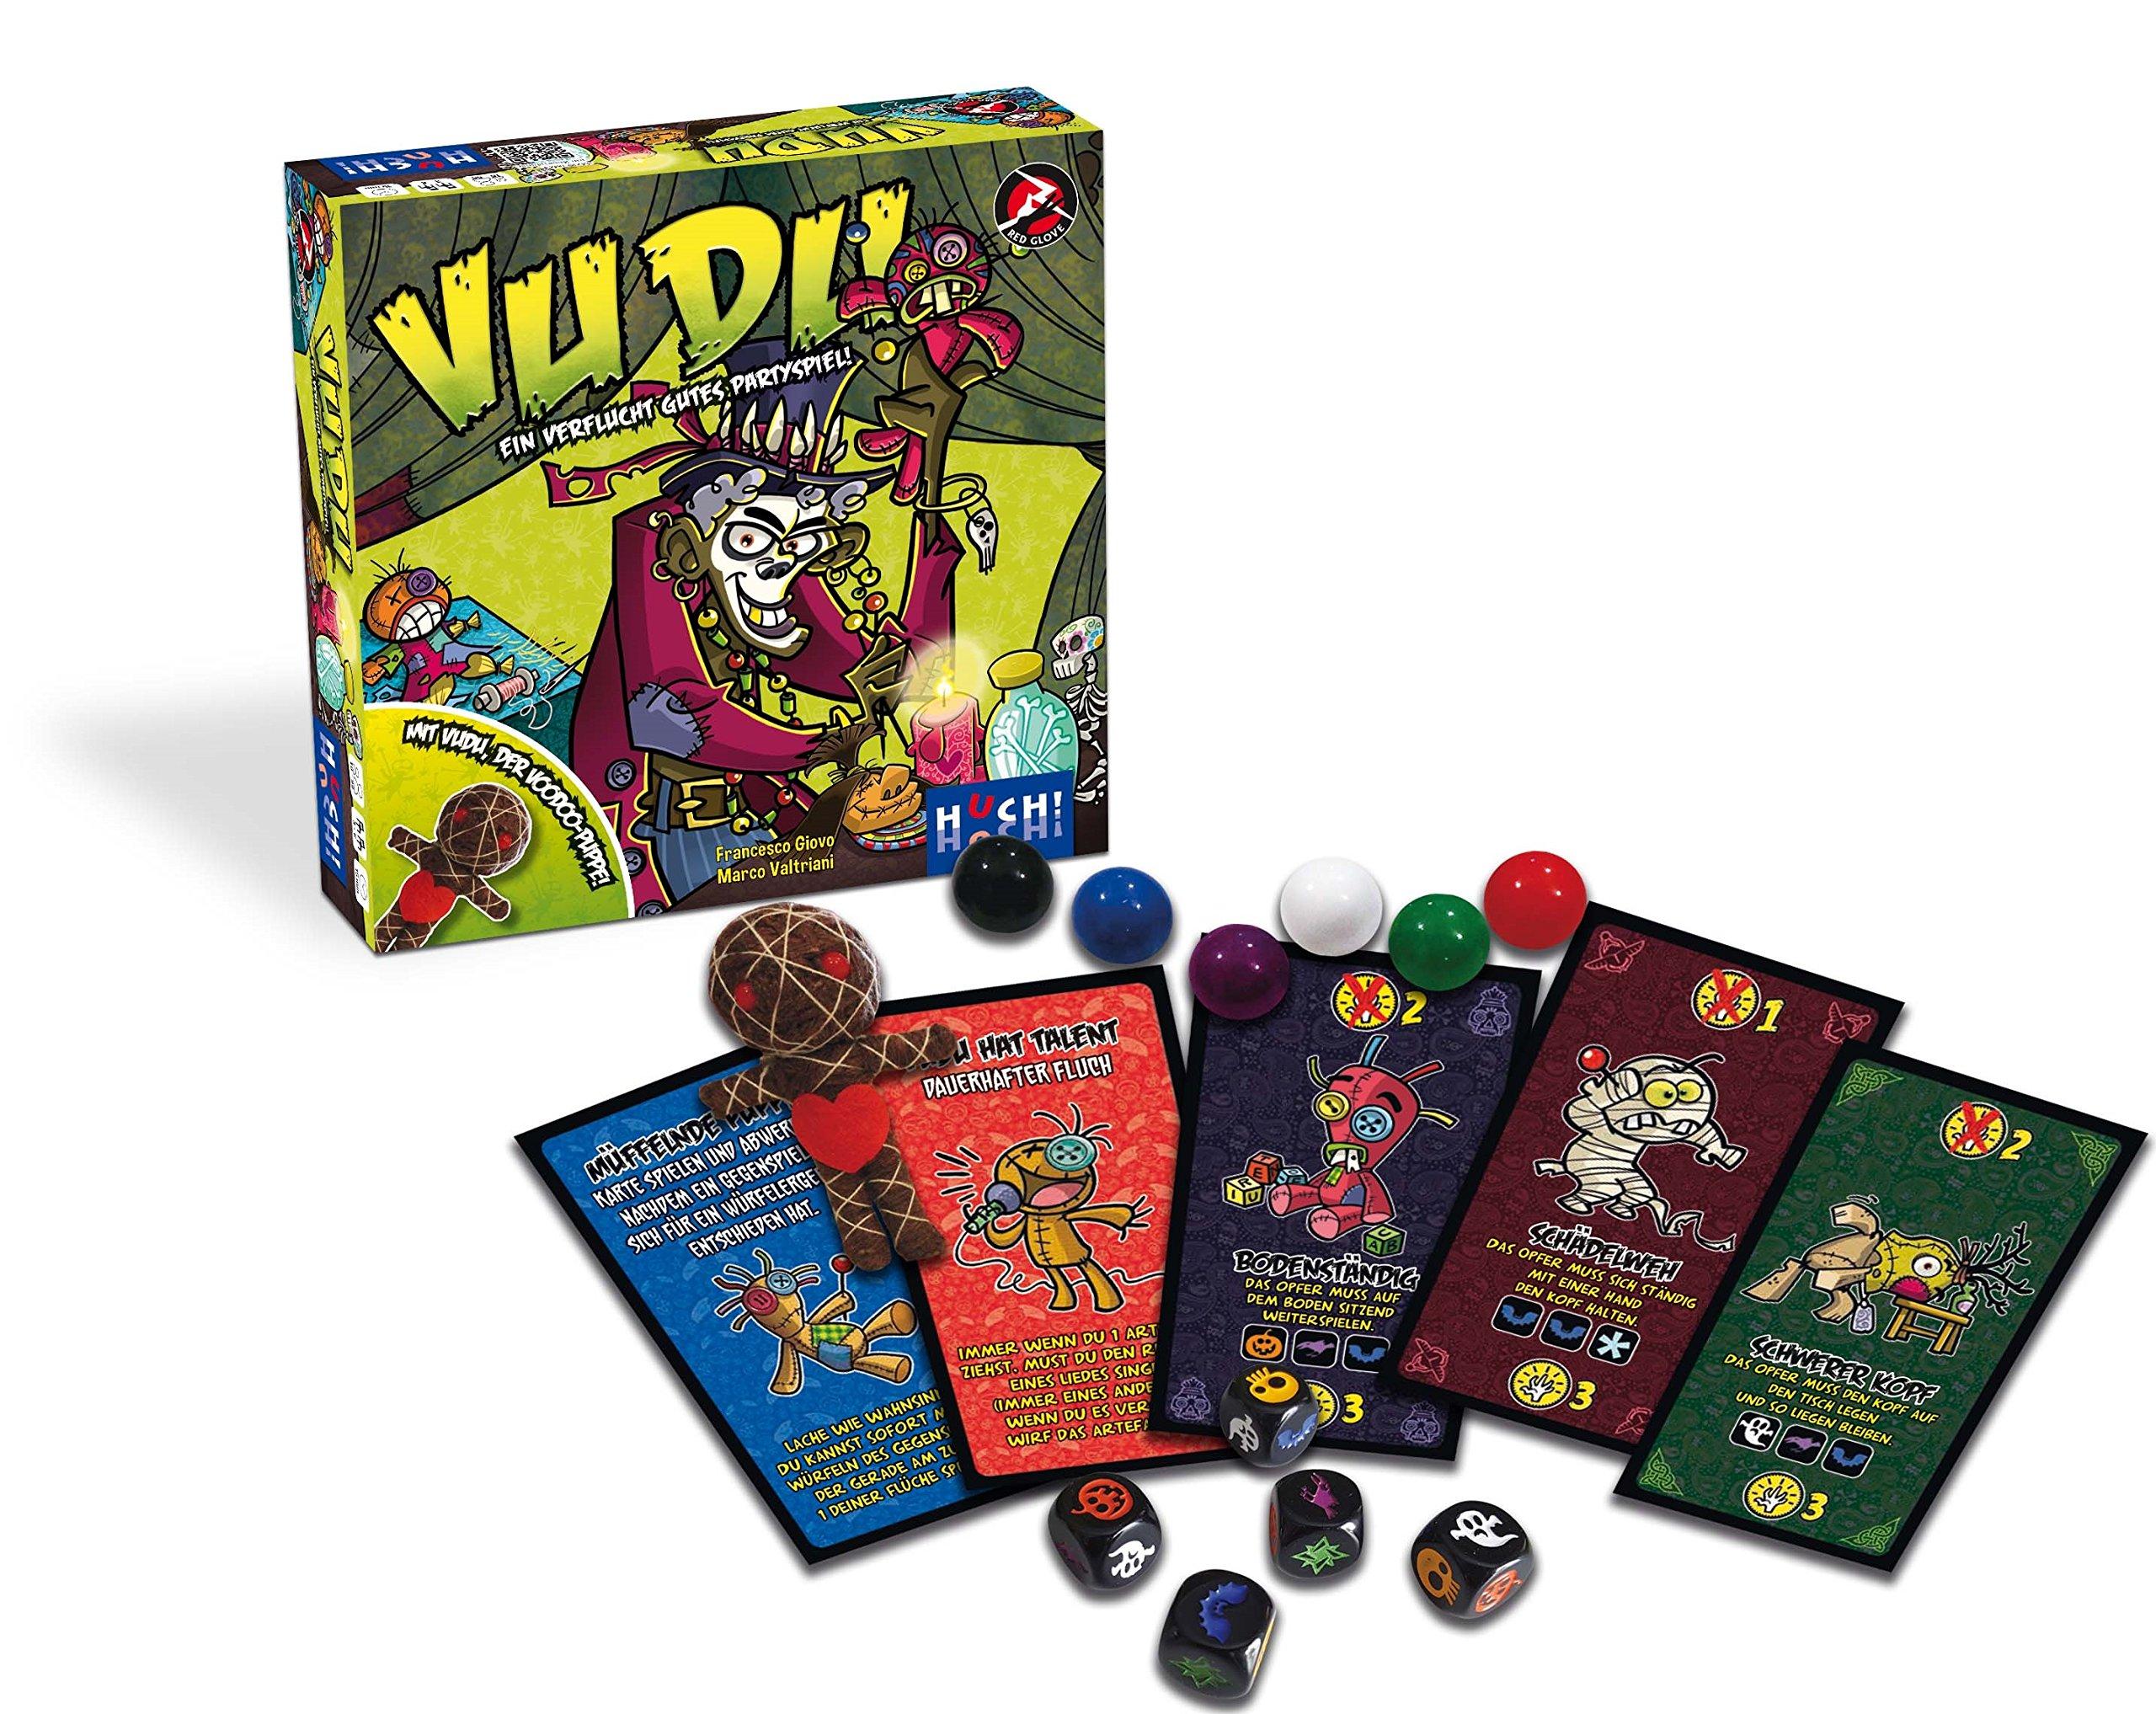 HUCH!. 880314 Vudu: Giovo, Francesco, Valtriani, Marco: Amazon.es: Juguetes y juegos